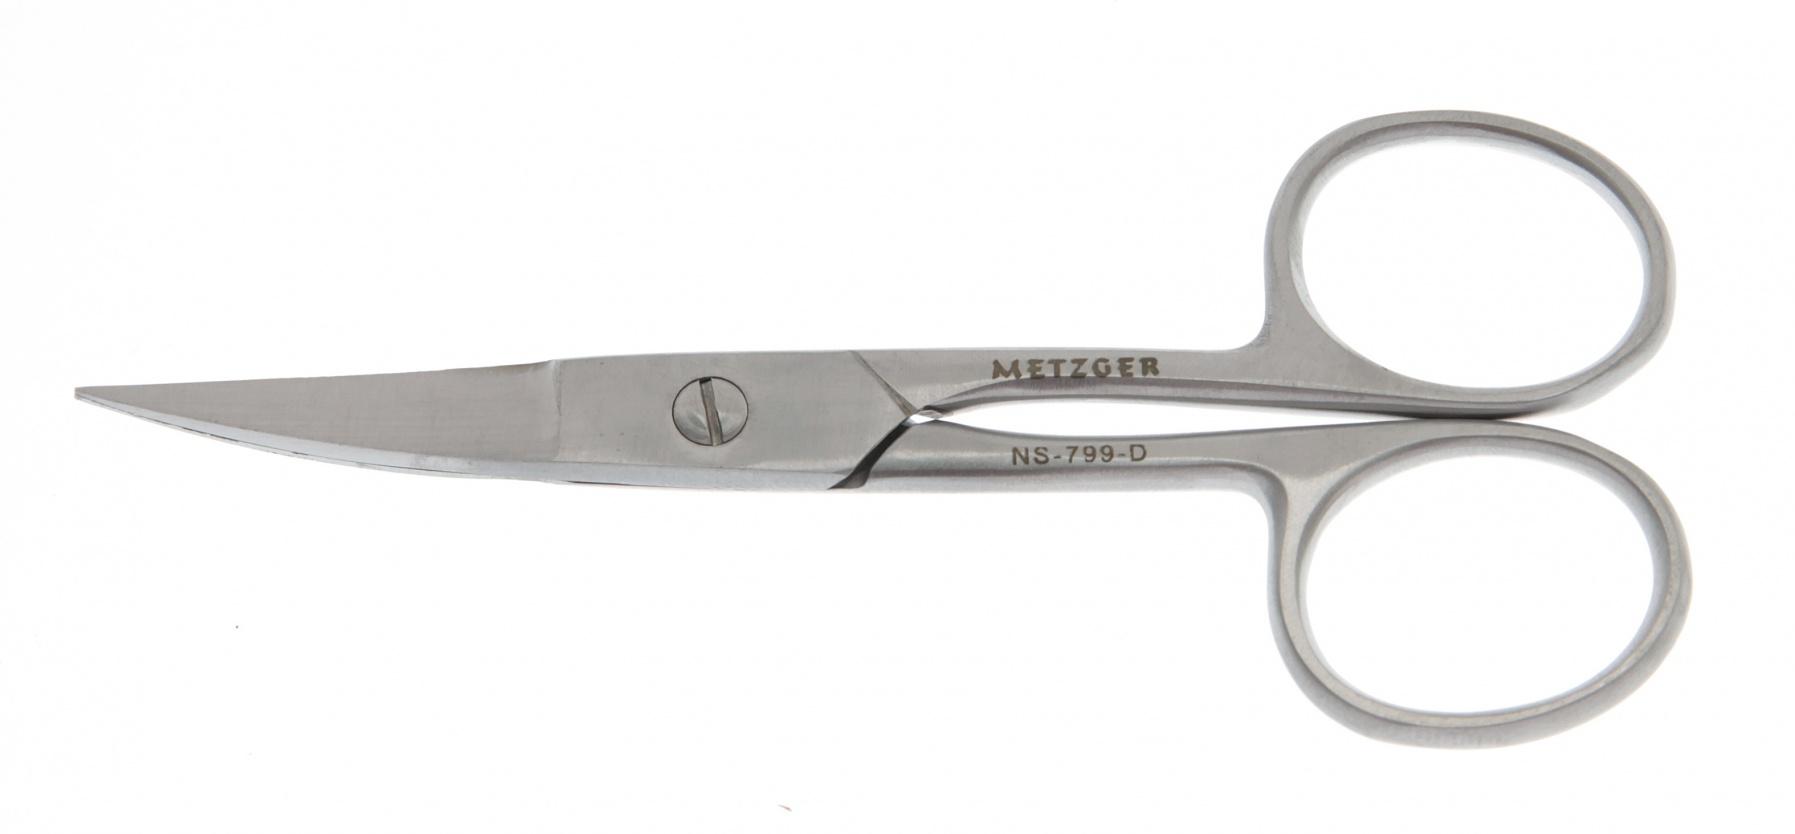 METZGER Ножницы для ногтей NS-799-D(CVD)